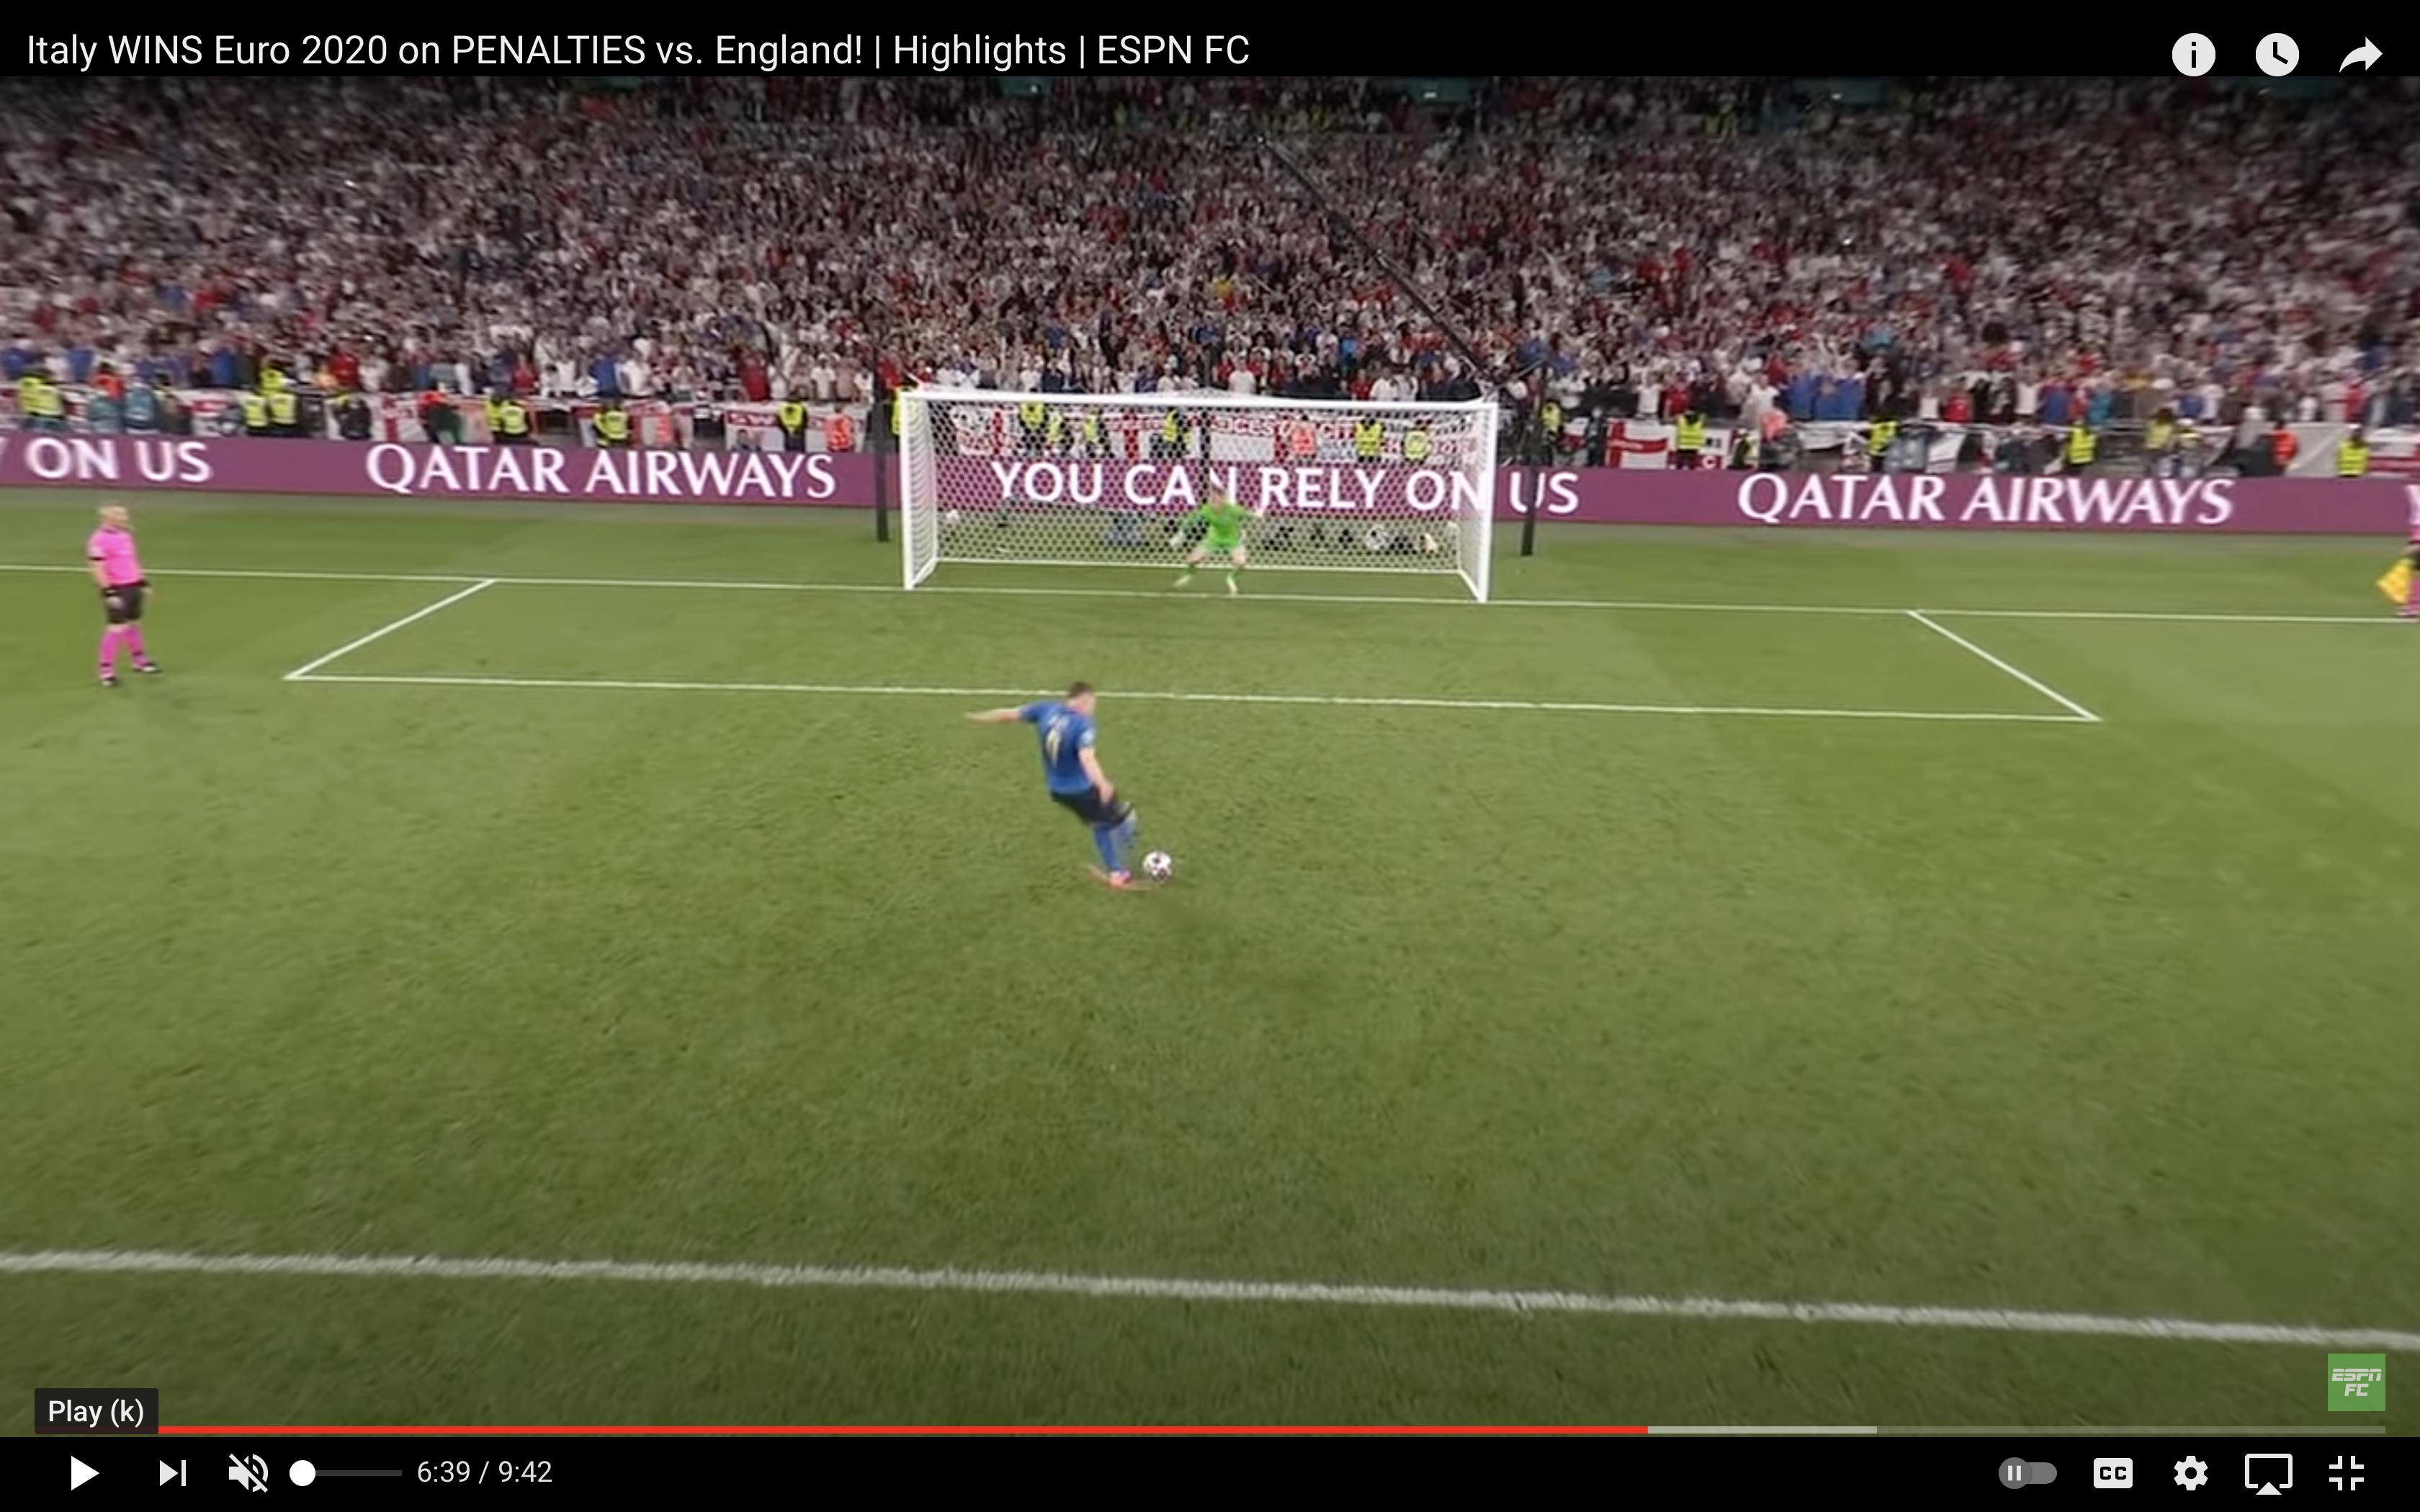 Наш блогер отвечает Артему Реброву. Пикфорд при ударе Жоржиньо сыграл практически по мячу (но все равно незаметно гадал)